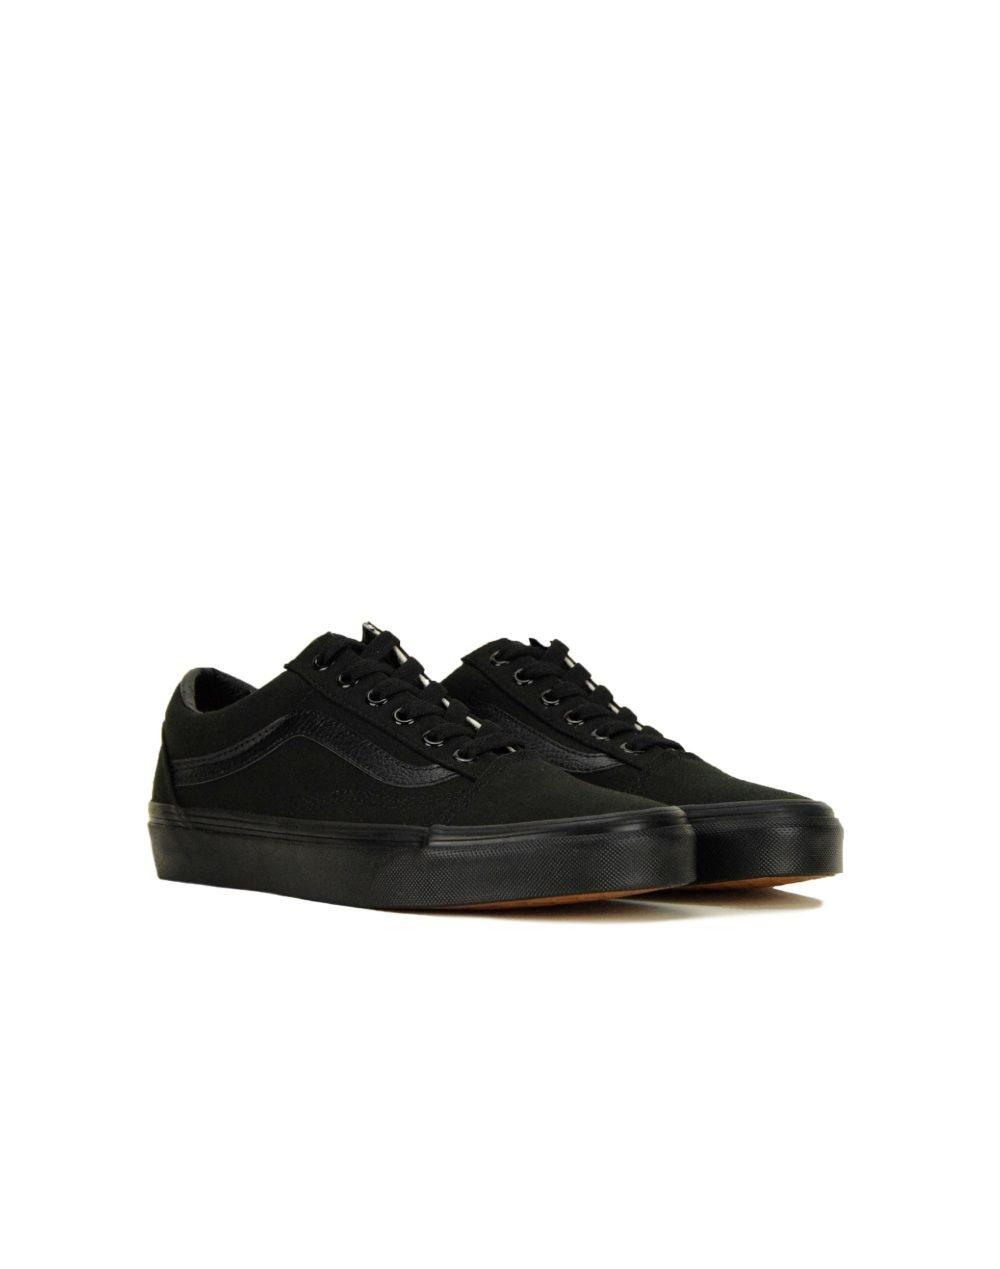 Vans Old Skool (VN000D3HBKA1) Black/Black